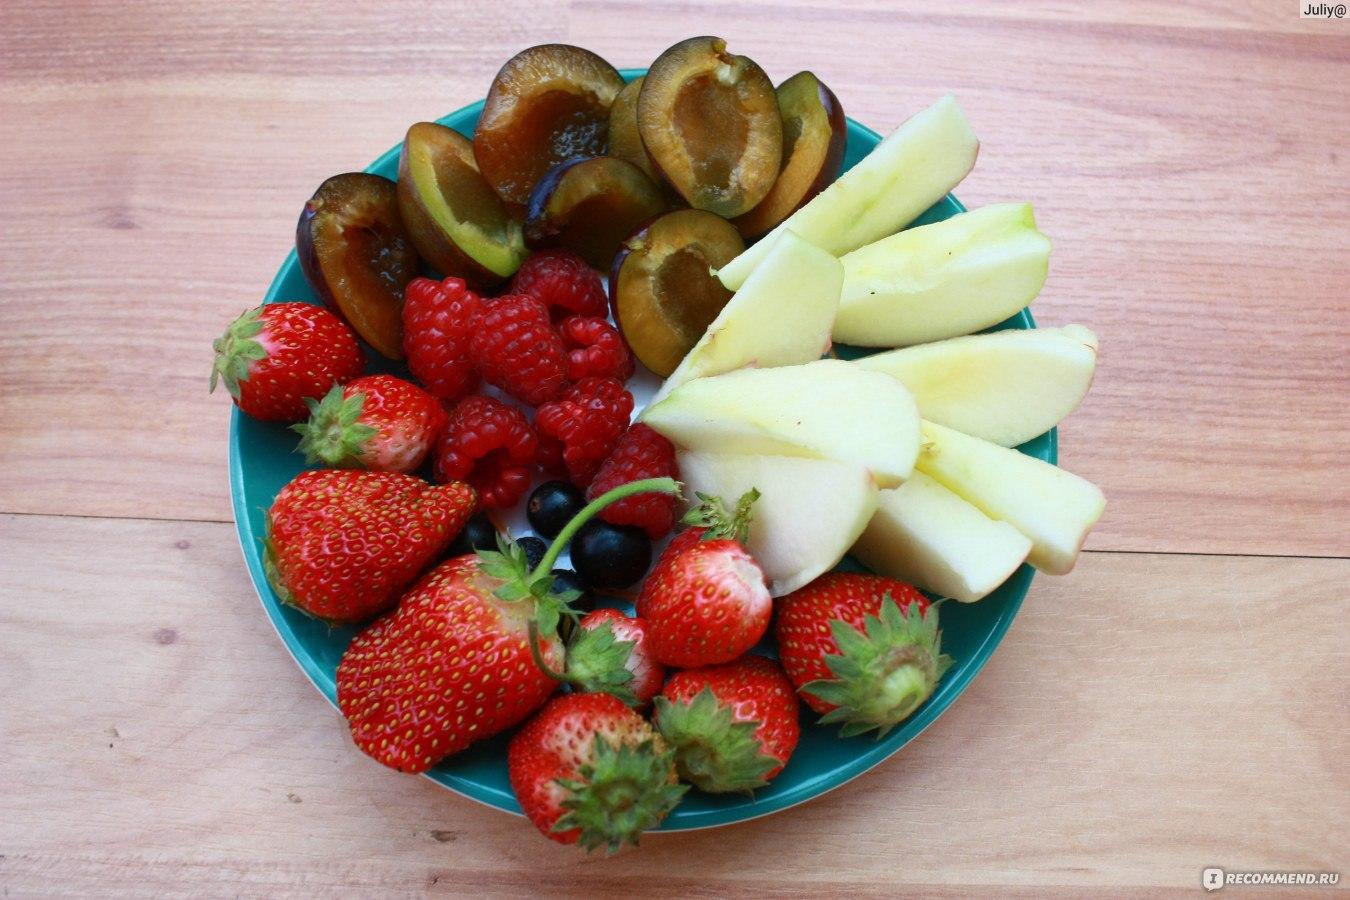 Диета блюдечко: правила, меню, продукты | food and health.